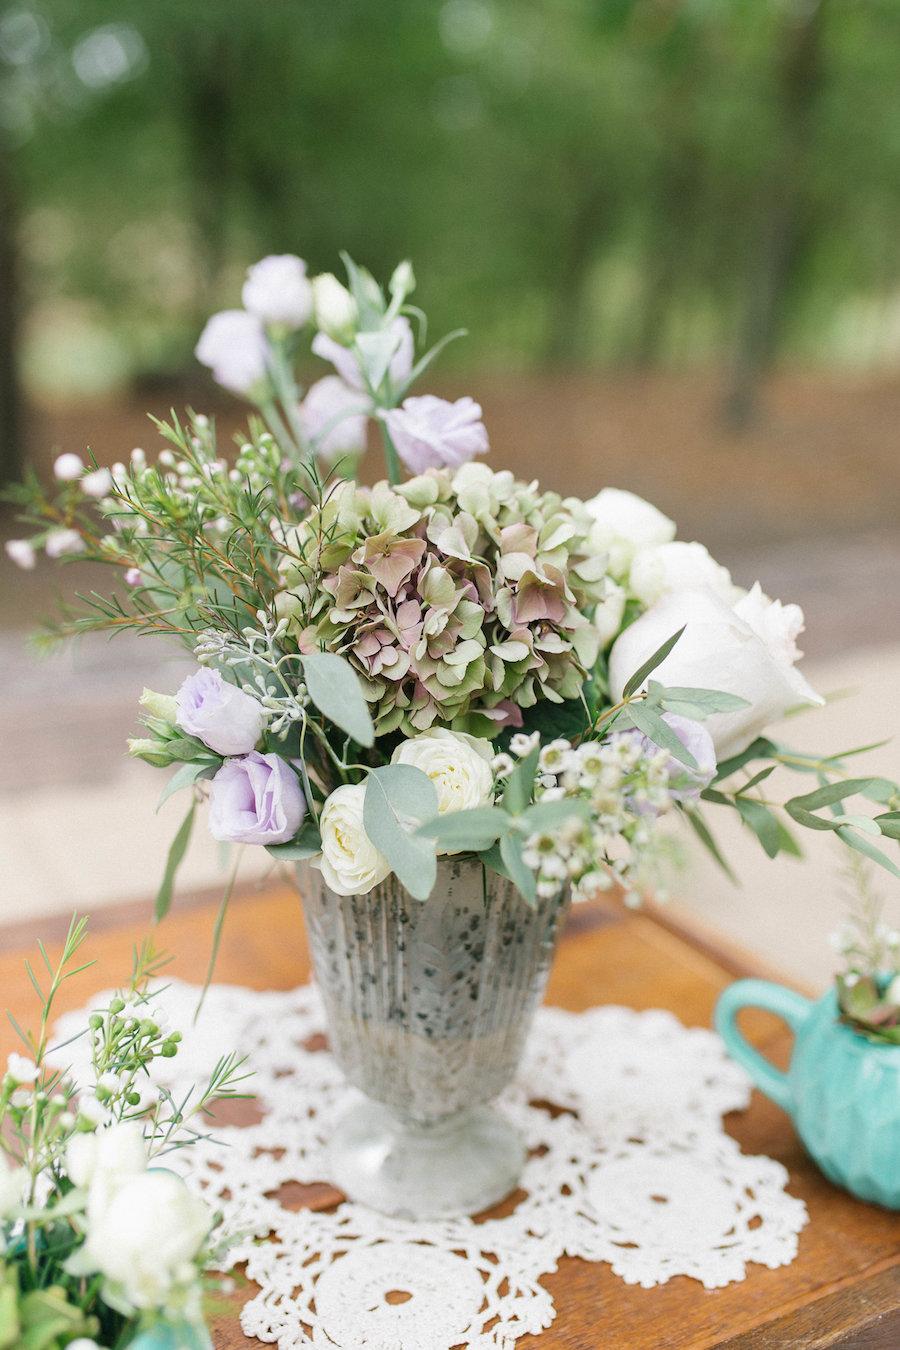 composizione floreale verde, bianca e lilla